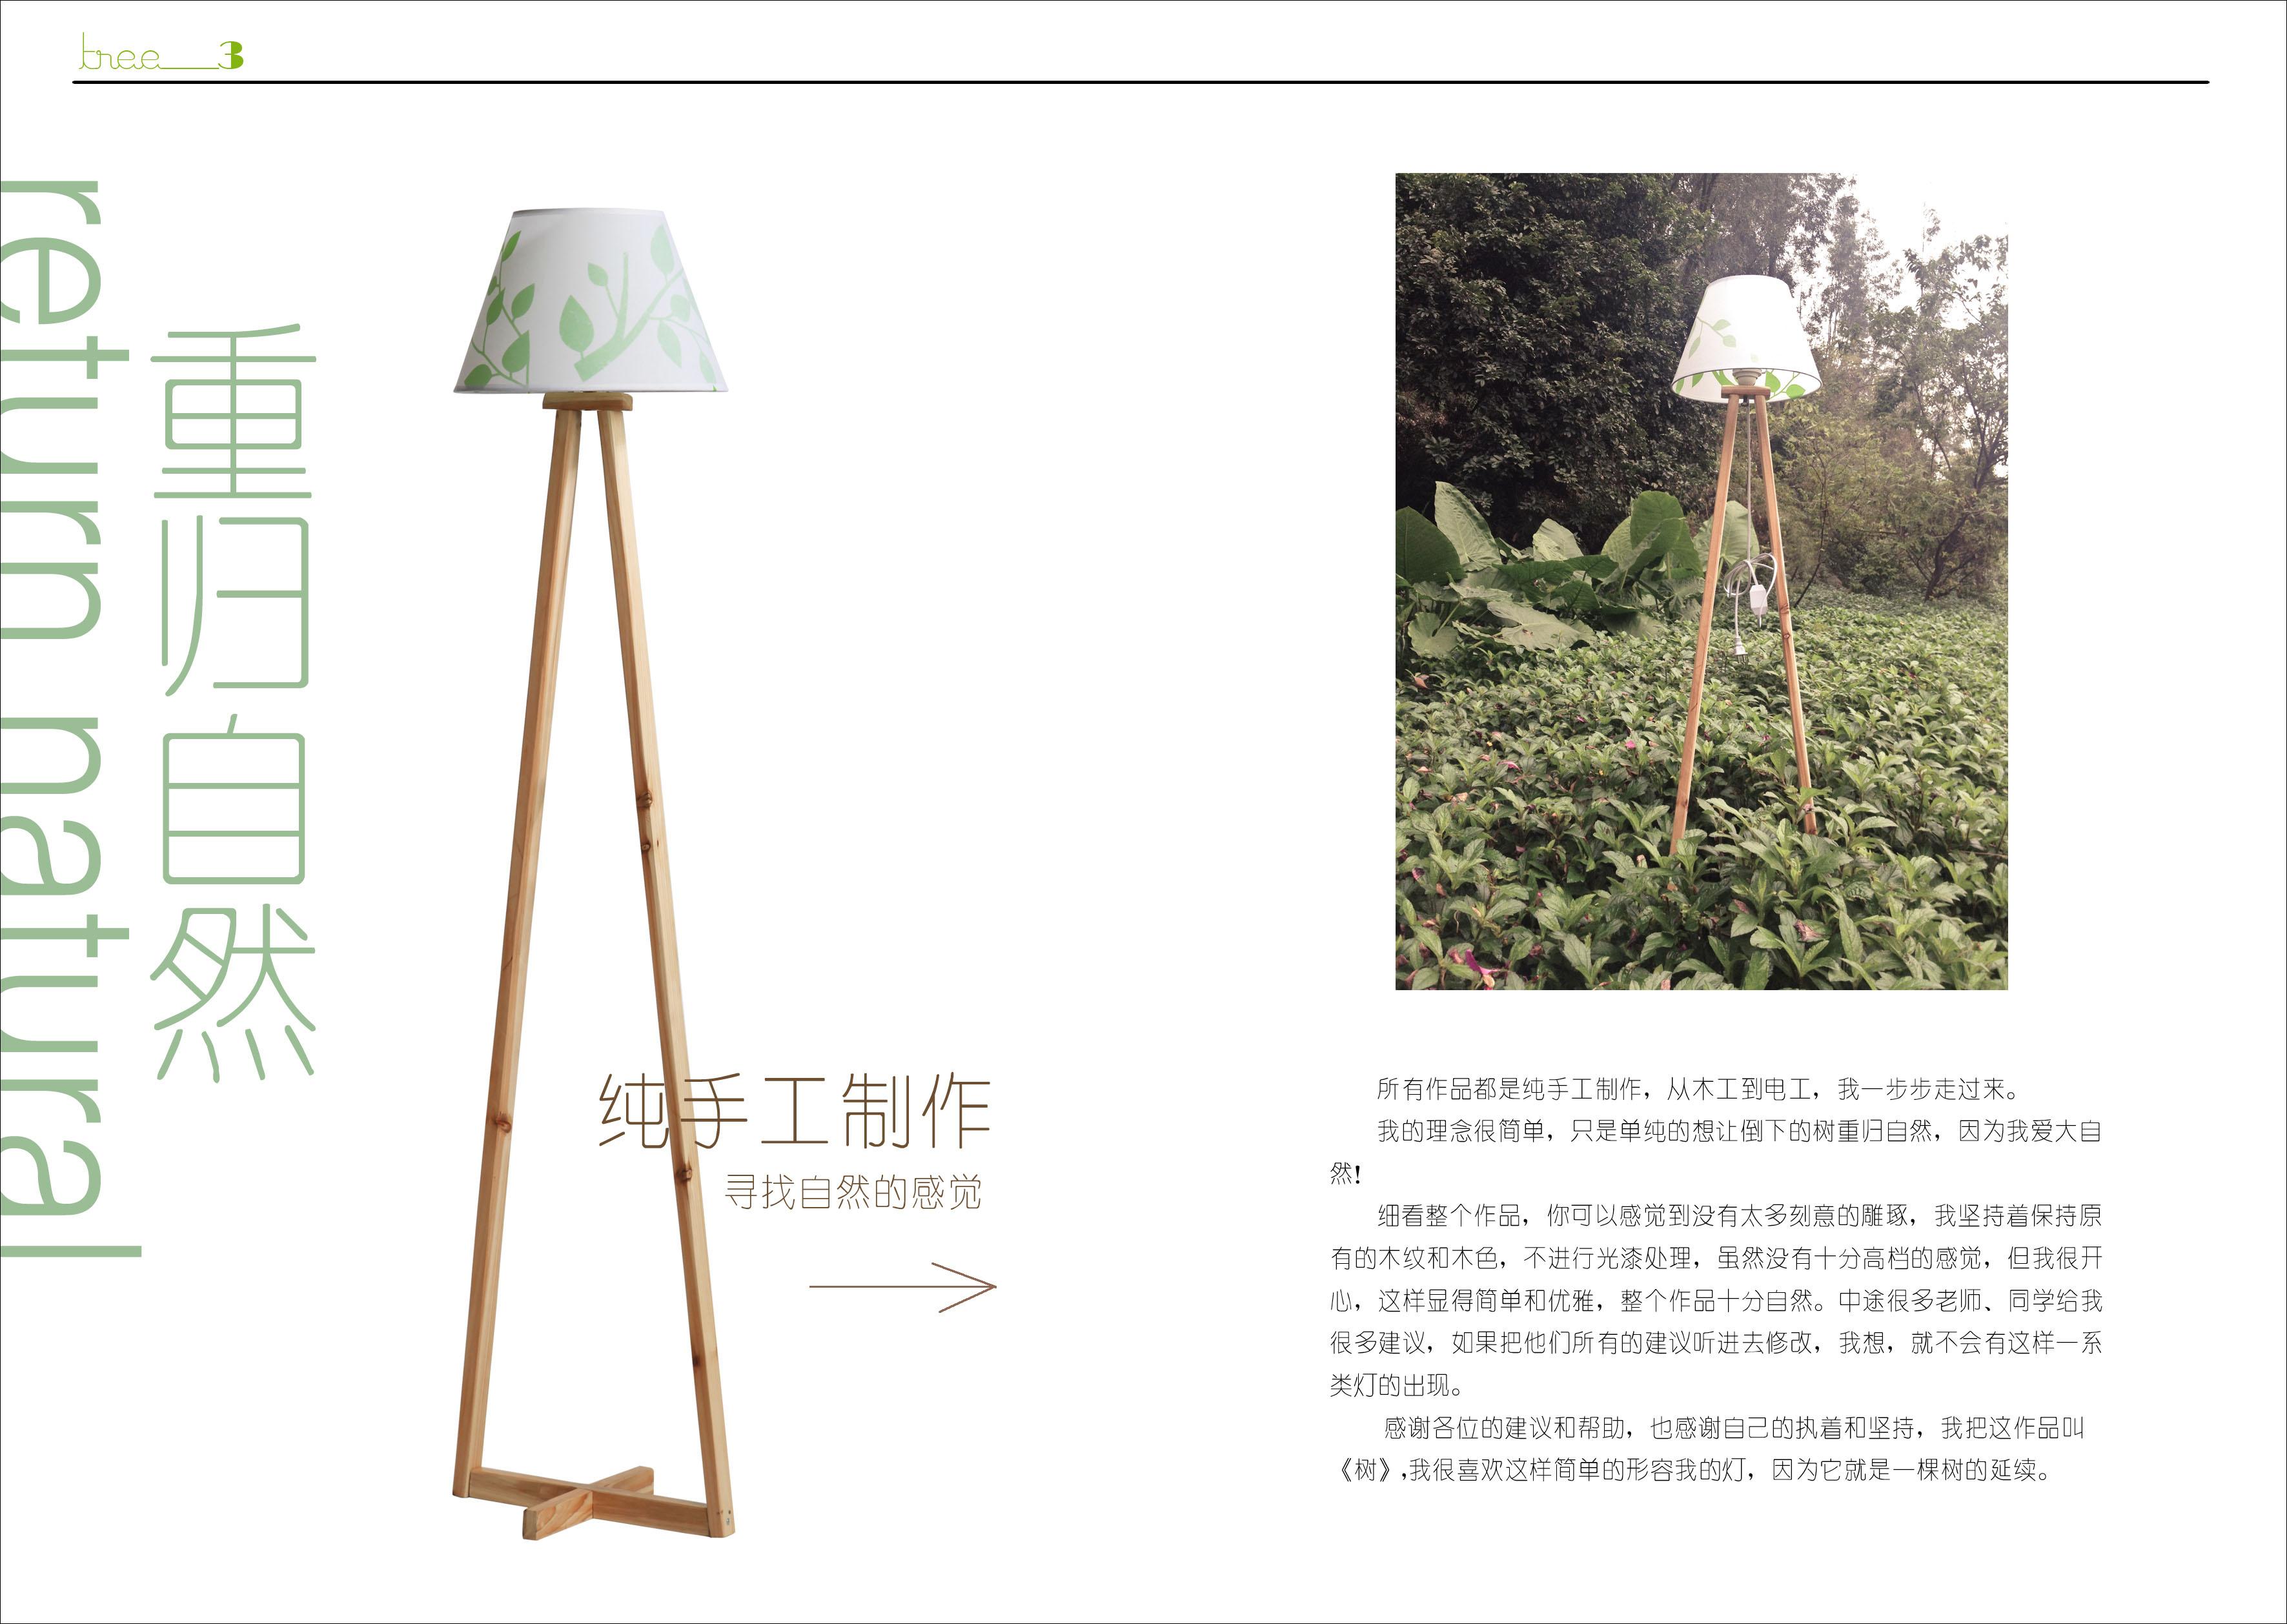 画册排版设计《树》—灯具制作图片